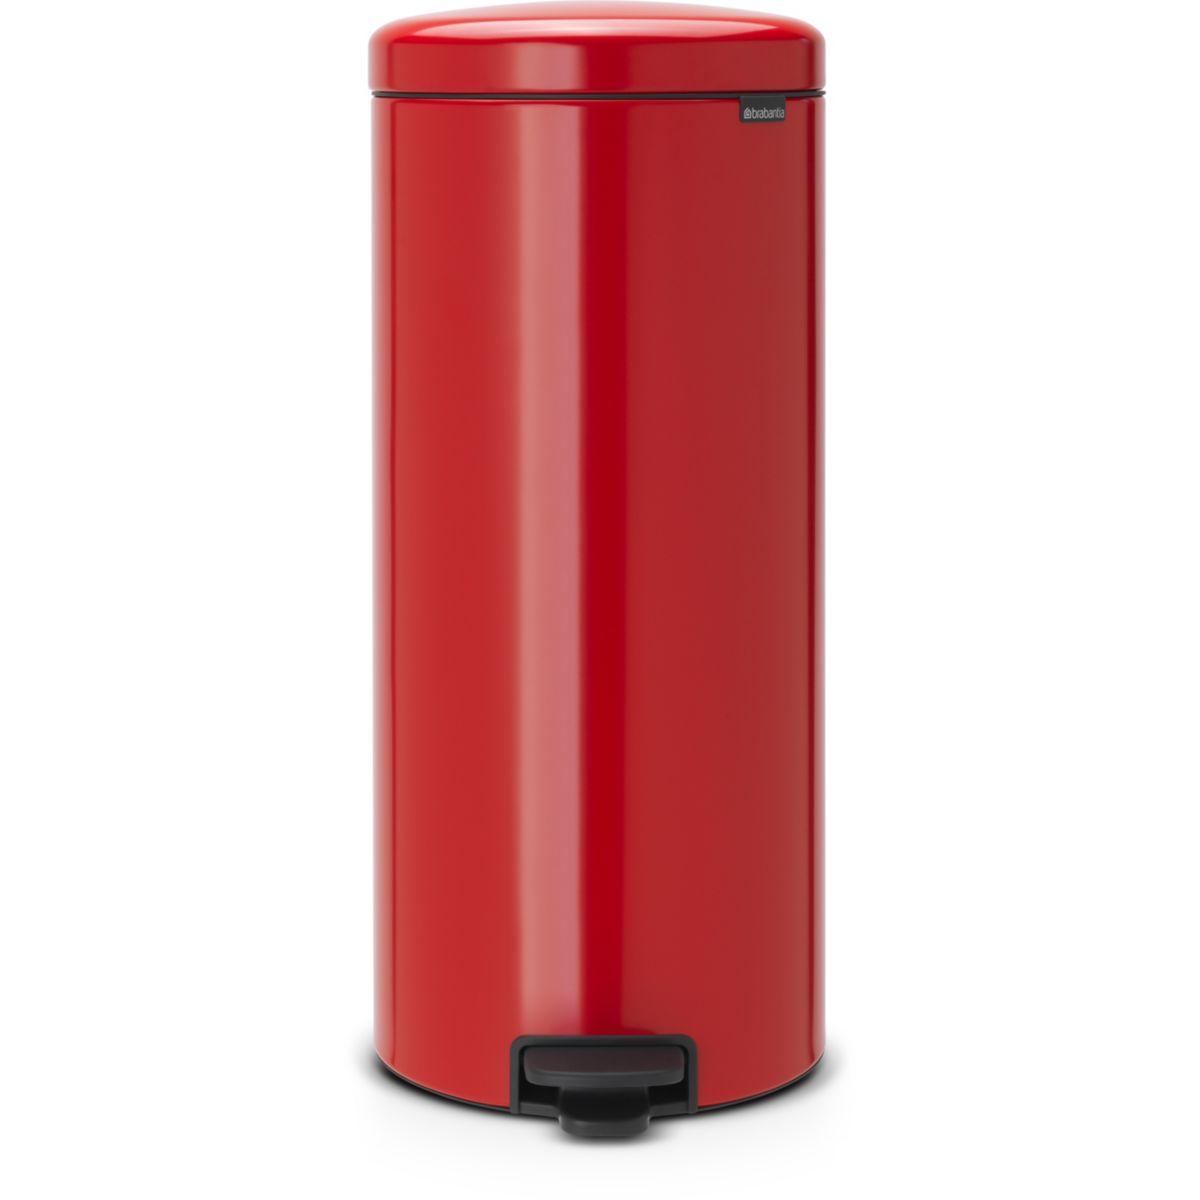 Poubelle manuelle BRABANTIA à pédale NewIcon 30L Passion Red